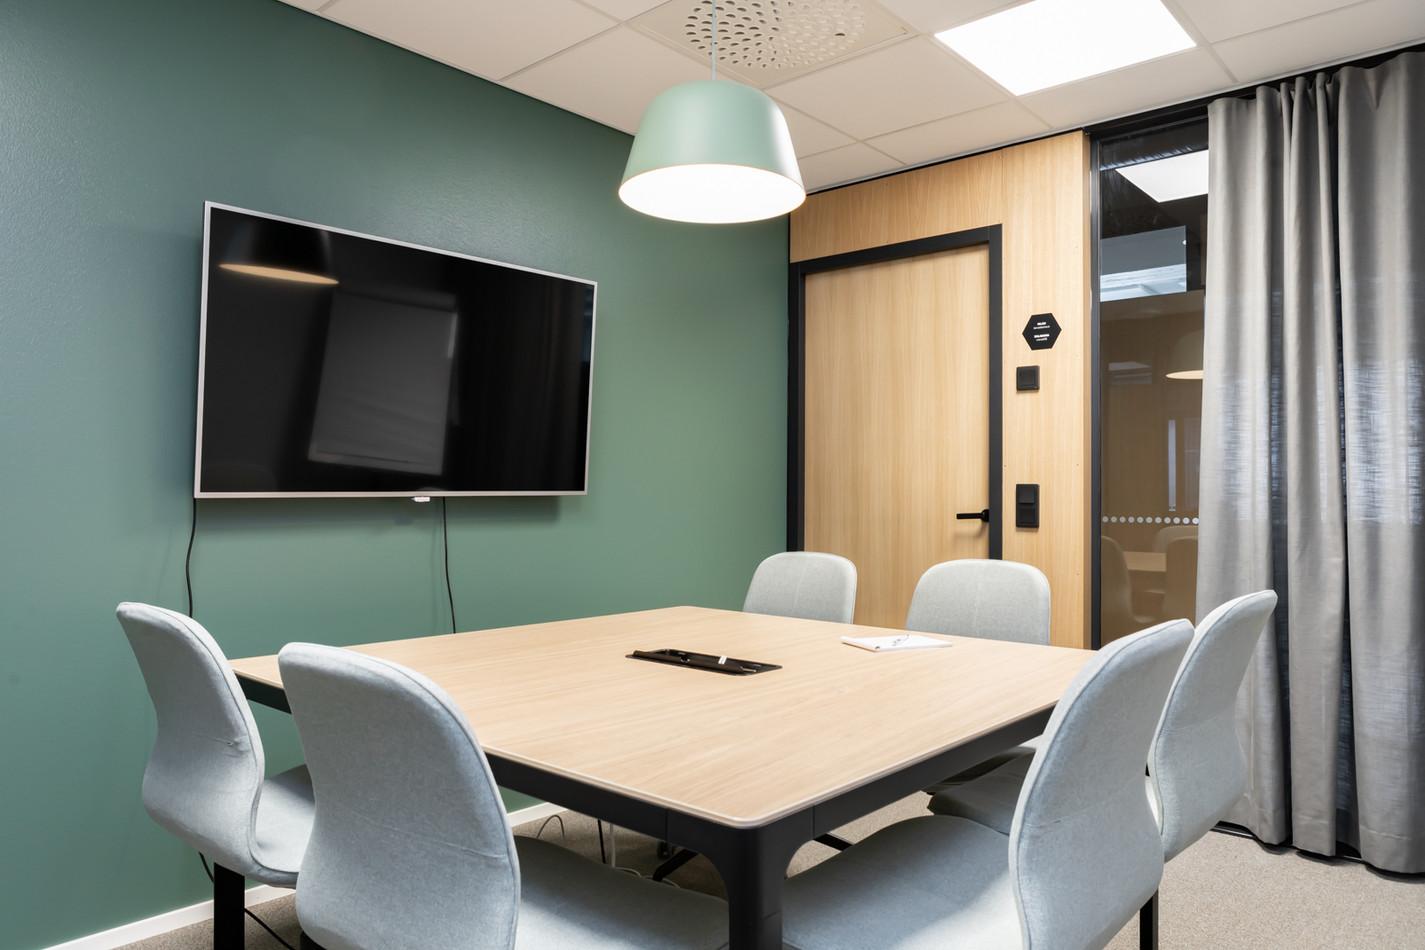 Toimiston sisustussuunnittelu - Neuvotteluhuone vihreä